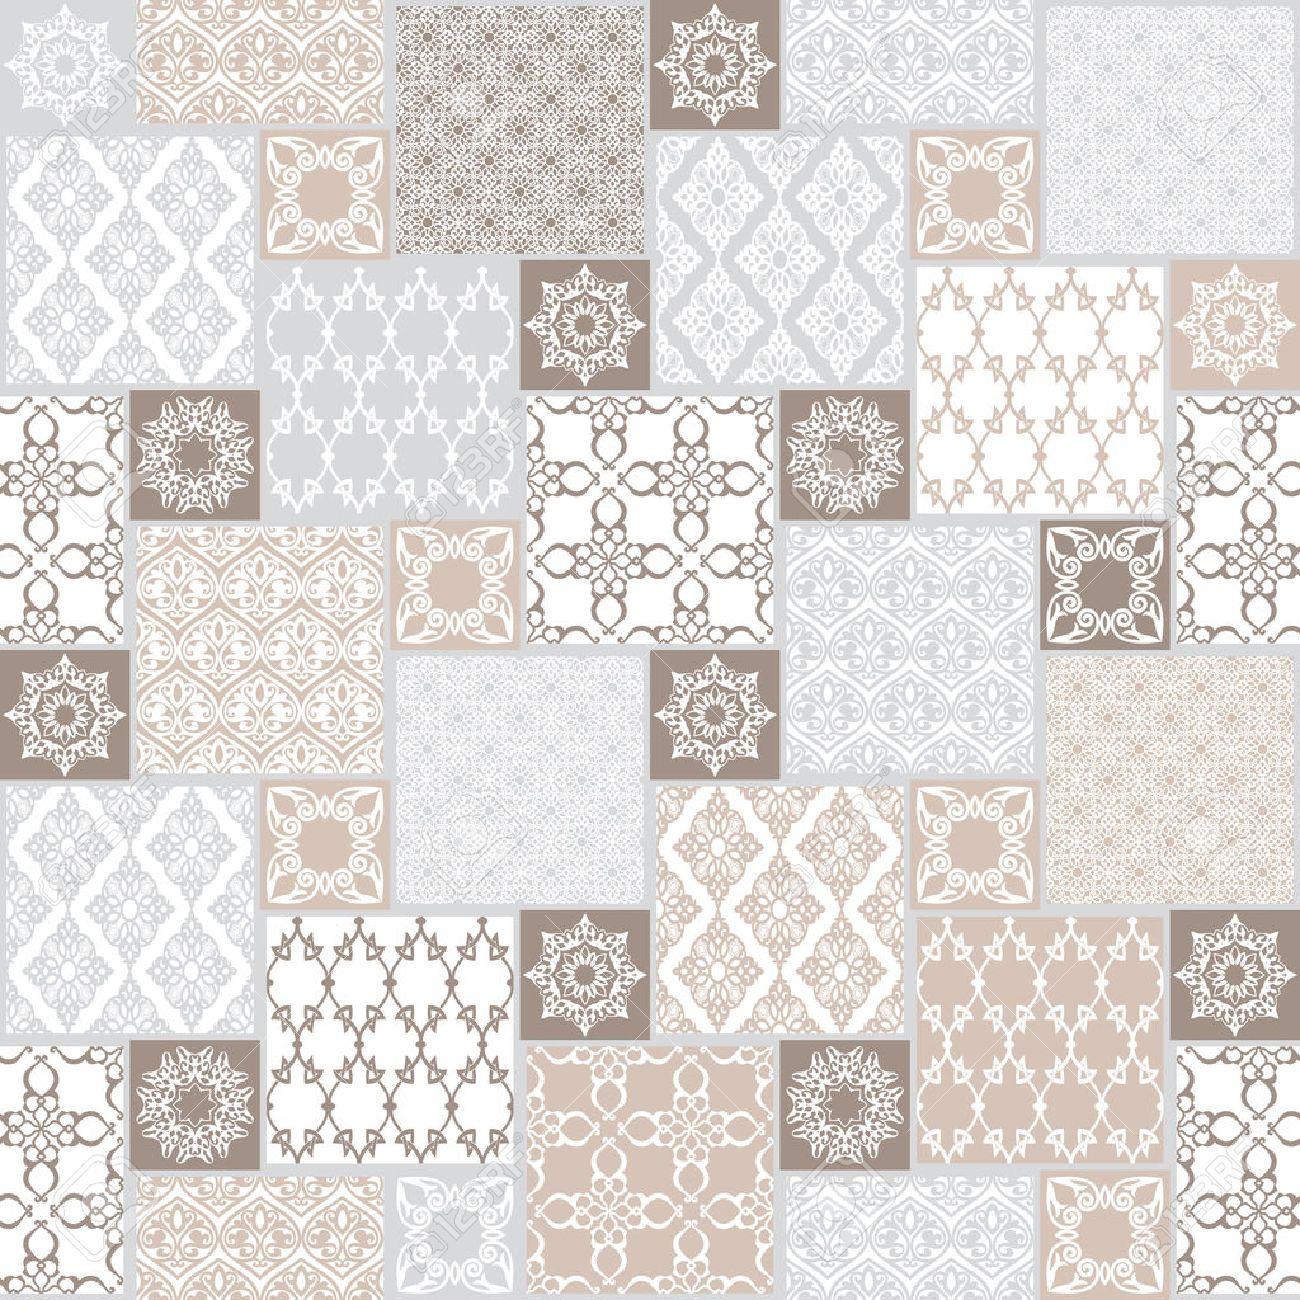 Transparente Avec Motif Oriental Pastel Fond De Patchwork Ensemble